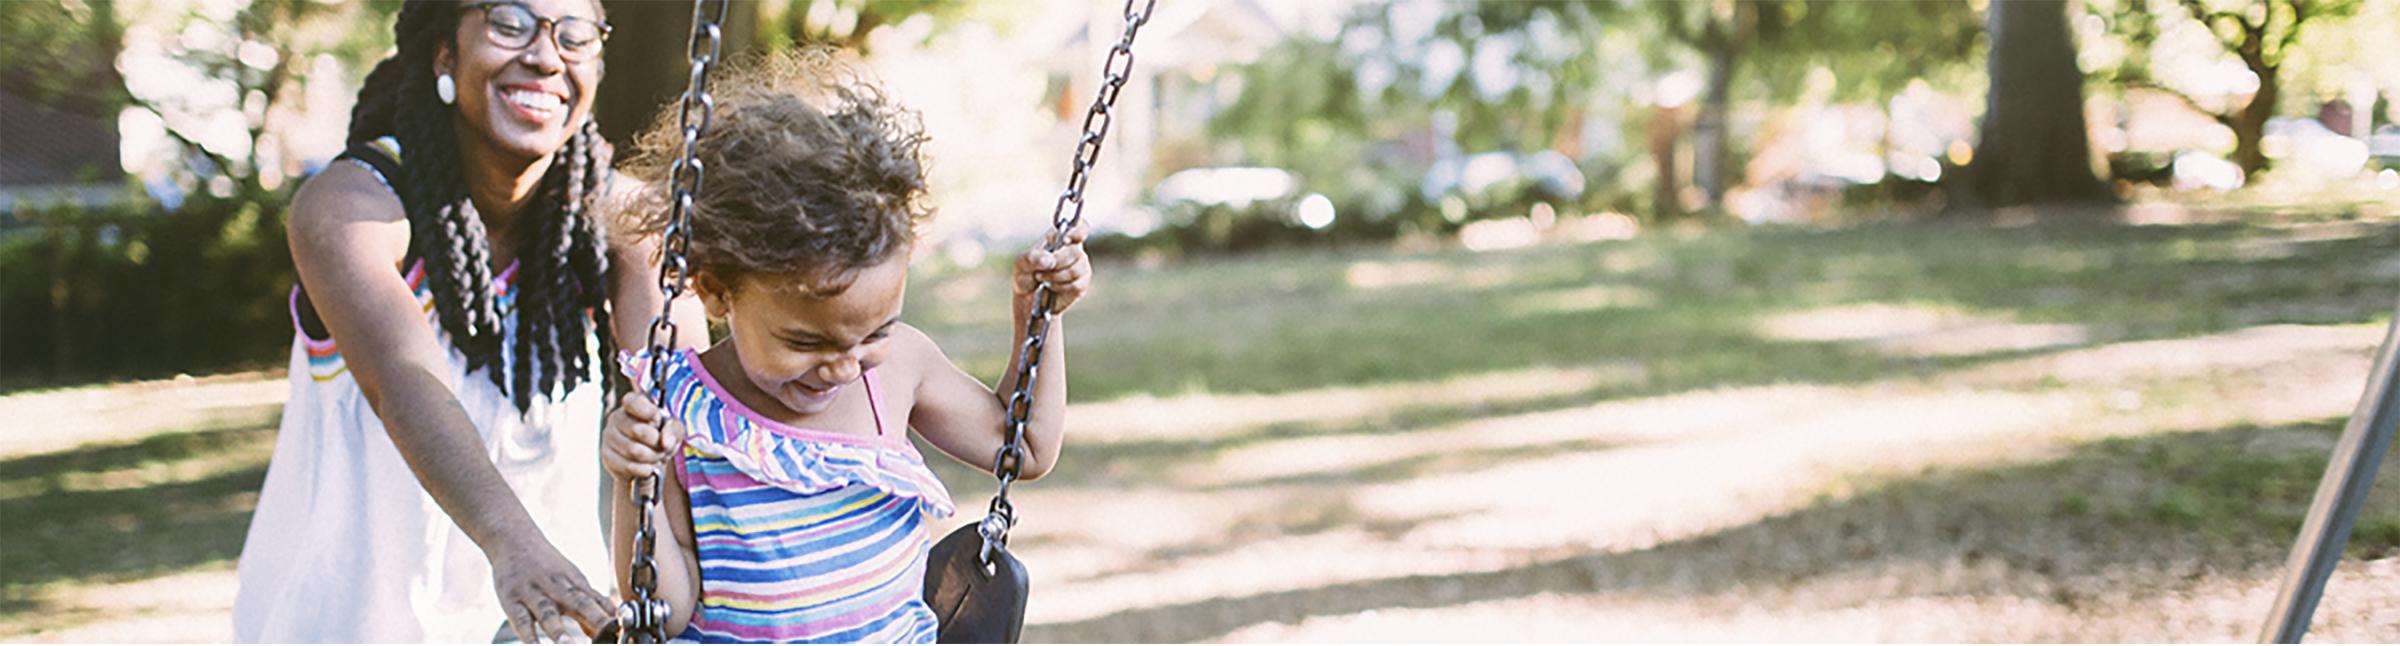 Una donna di colore che spinge sull'altalena una bambina di colore all'interno di un parco cittadino